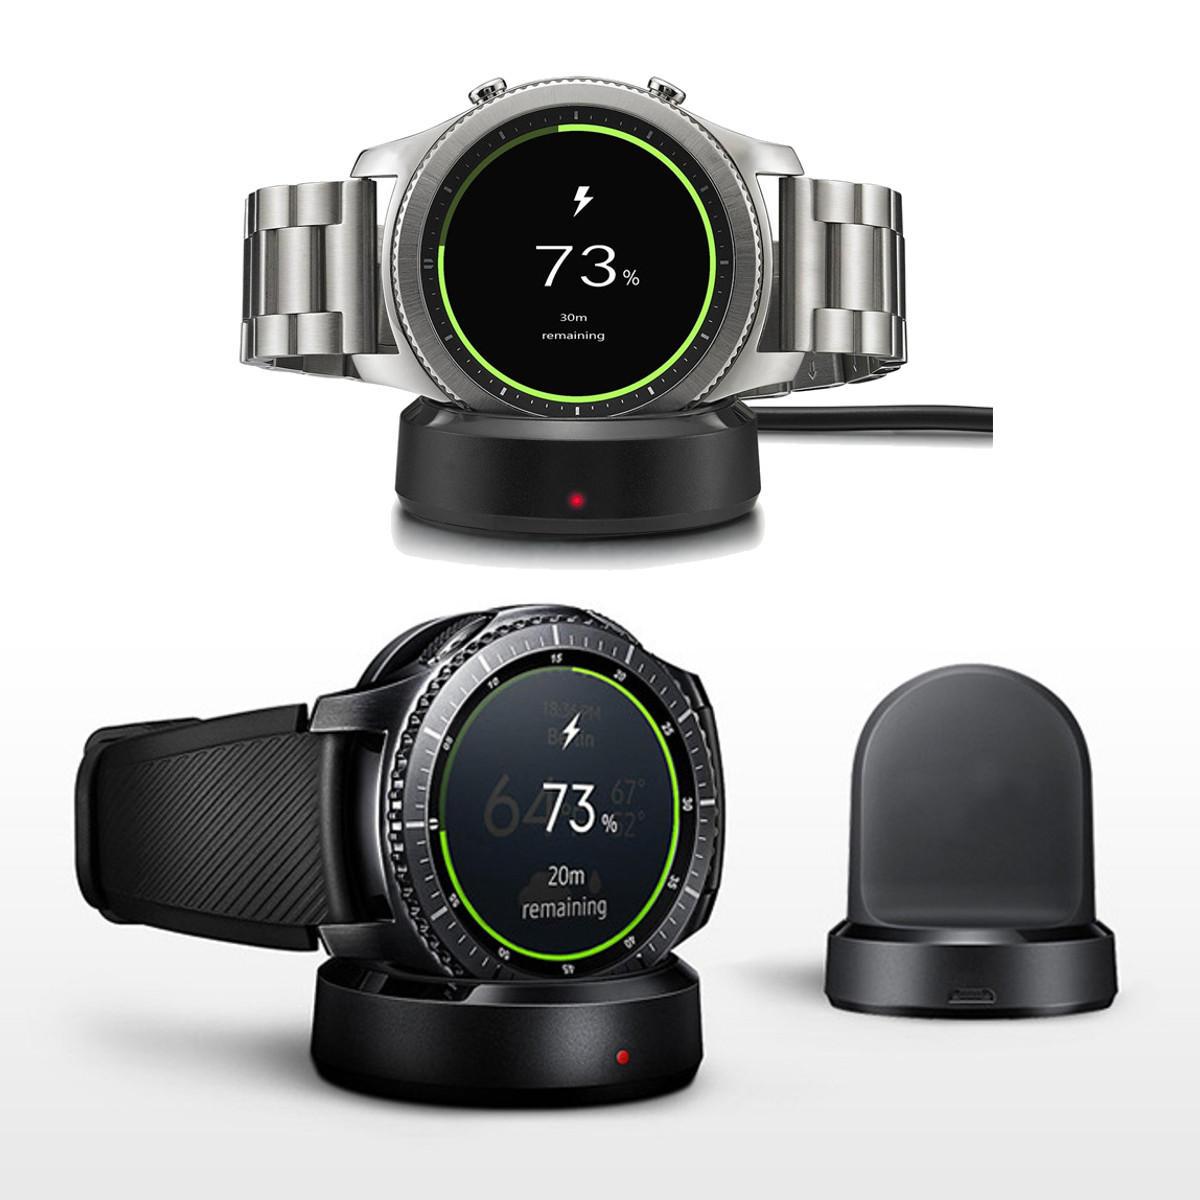 Nieuwe QI Wireless Charging Dock Cradle Charger voor Samsung Gear S3 Classic / Frontier iWatch Series 3